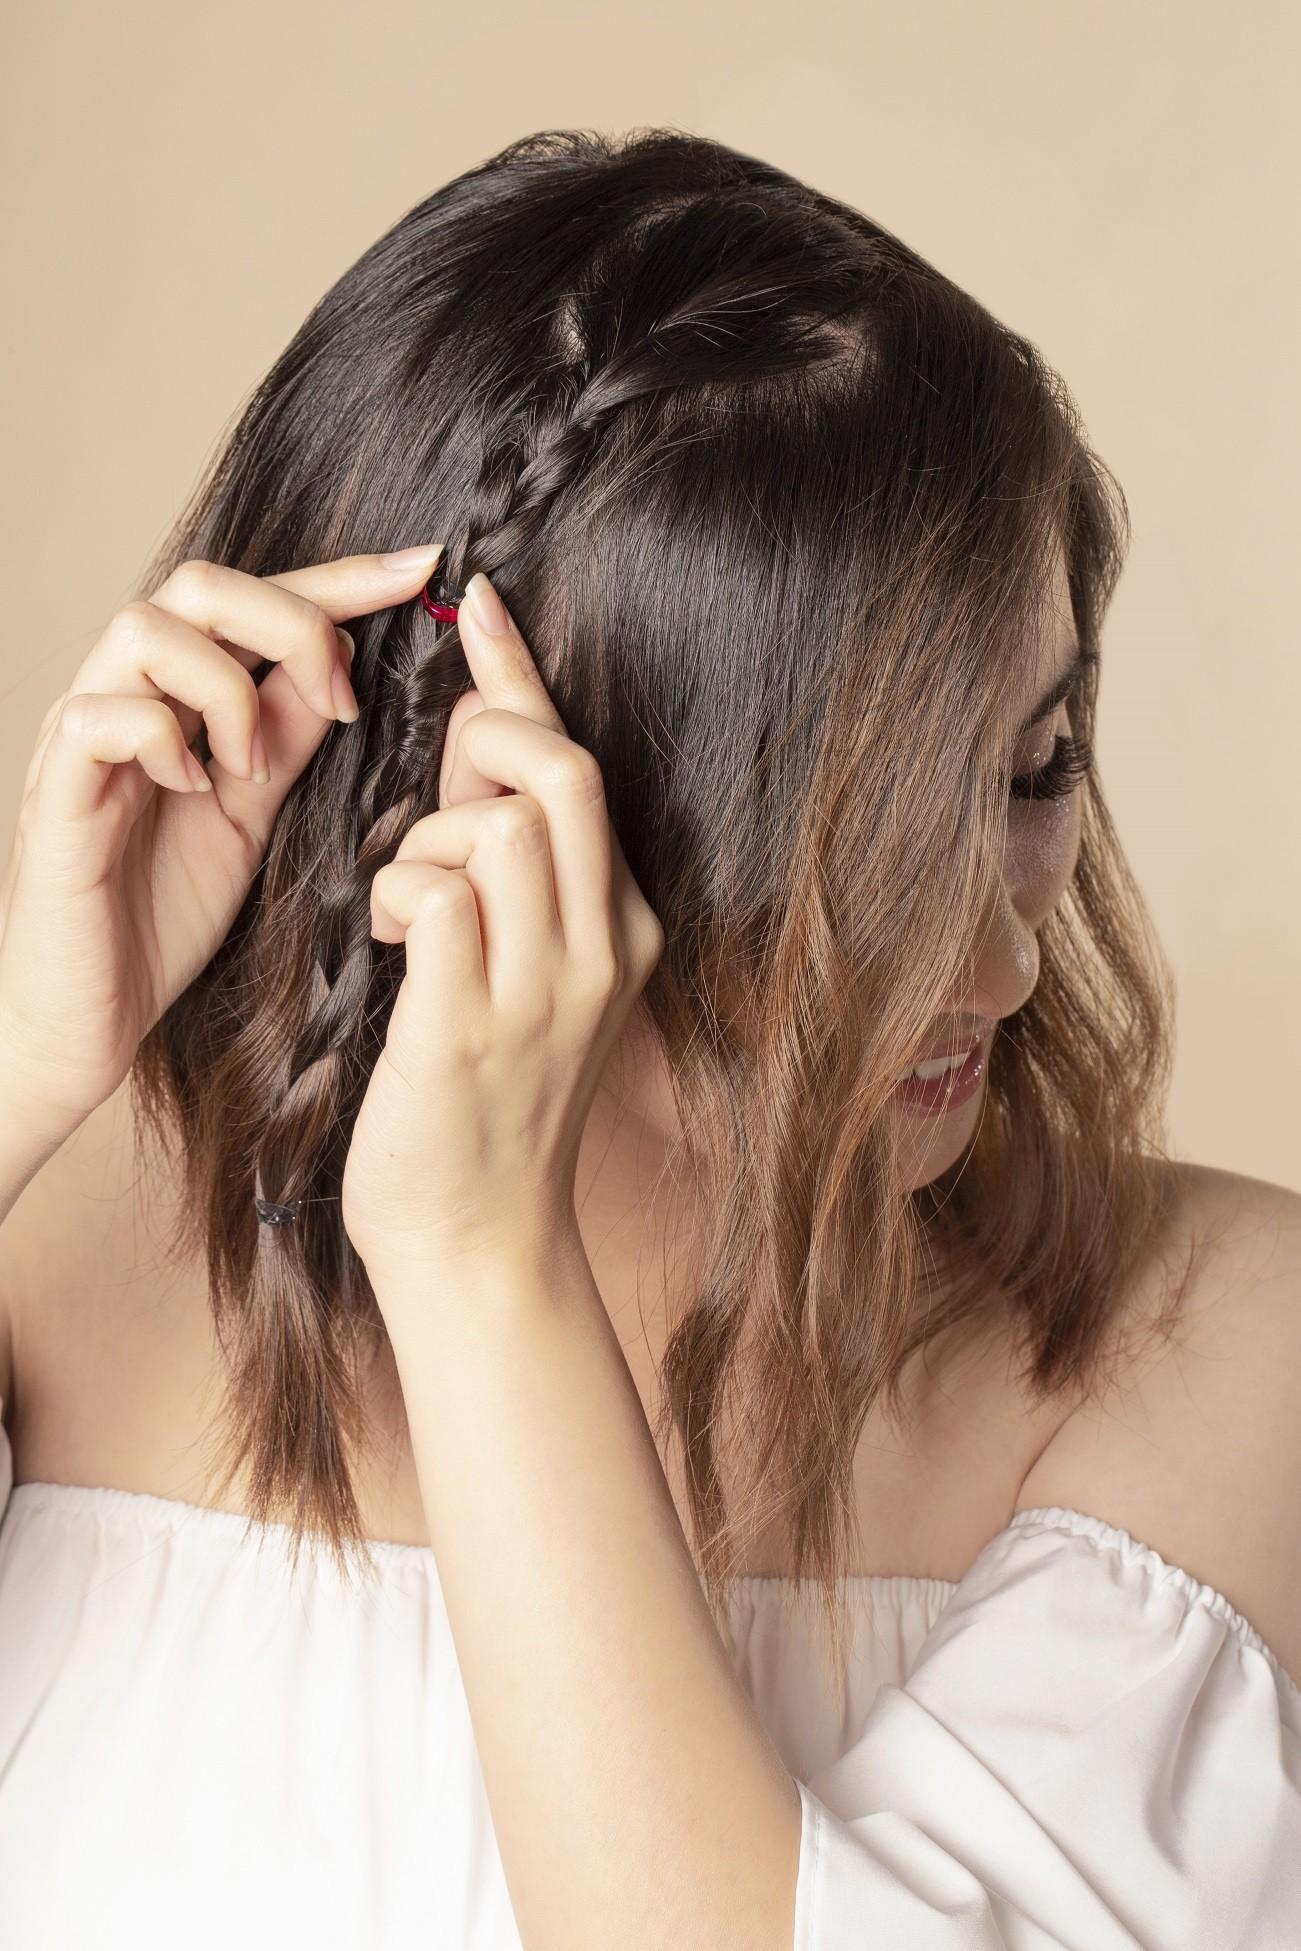 wanita asia dengan model rambut kepang french braid